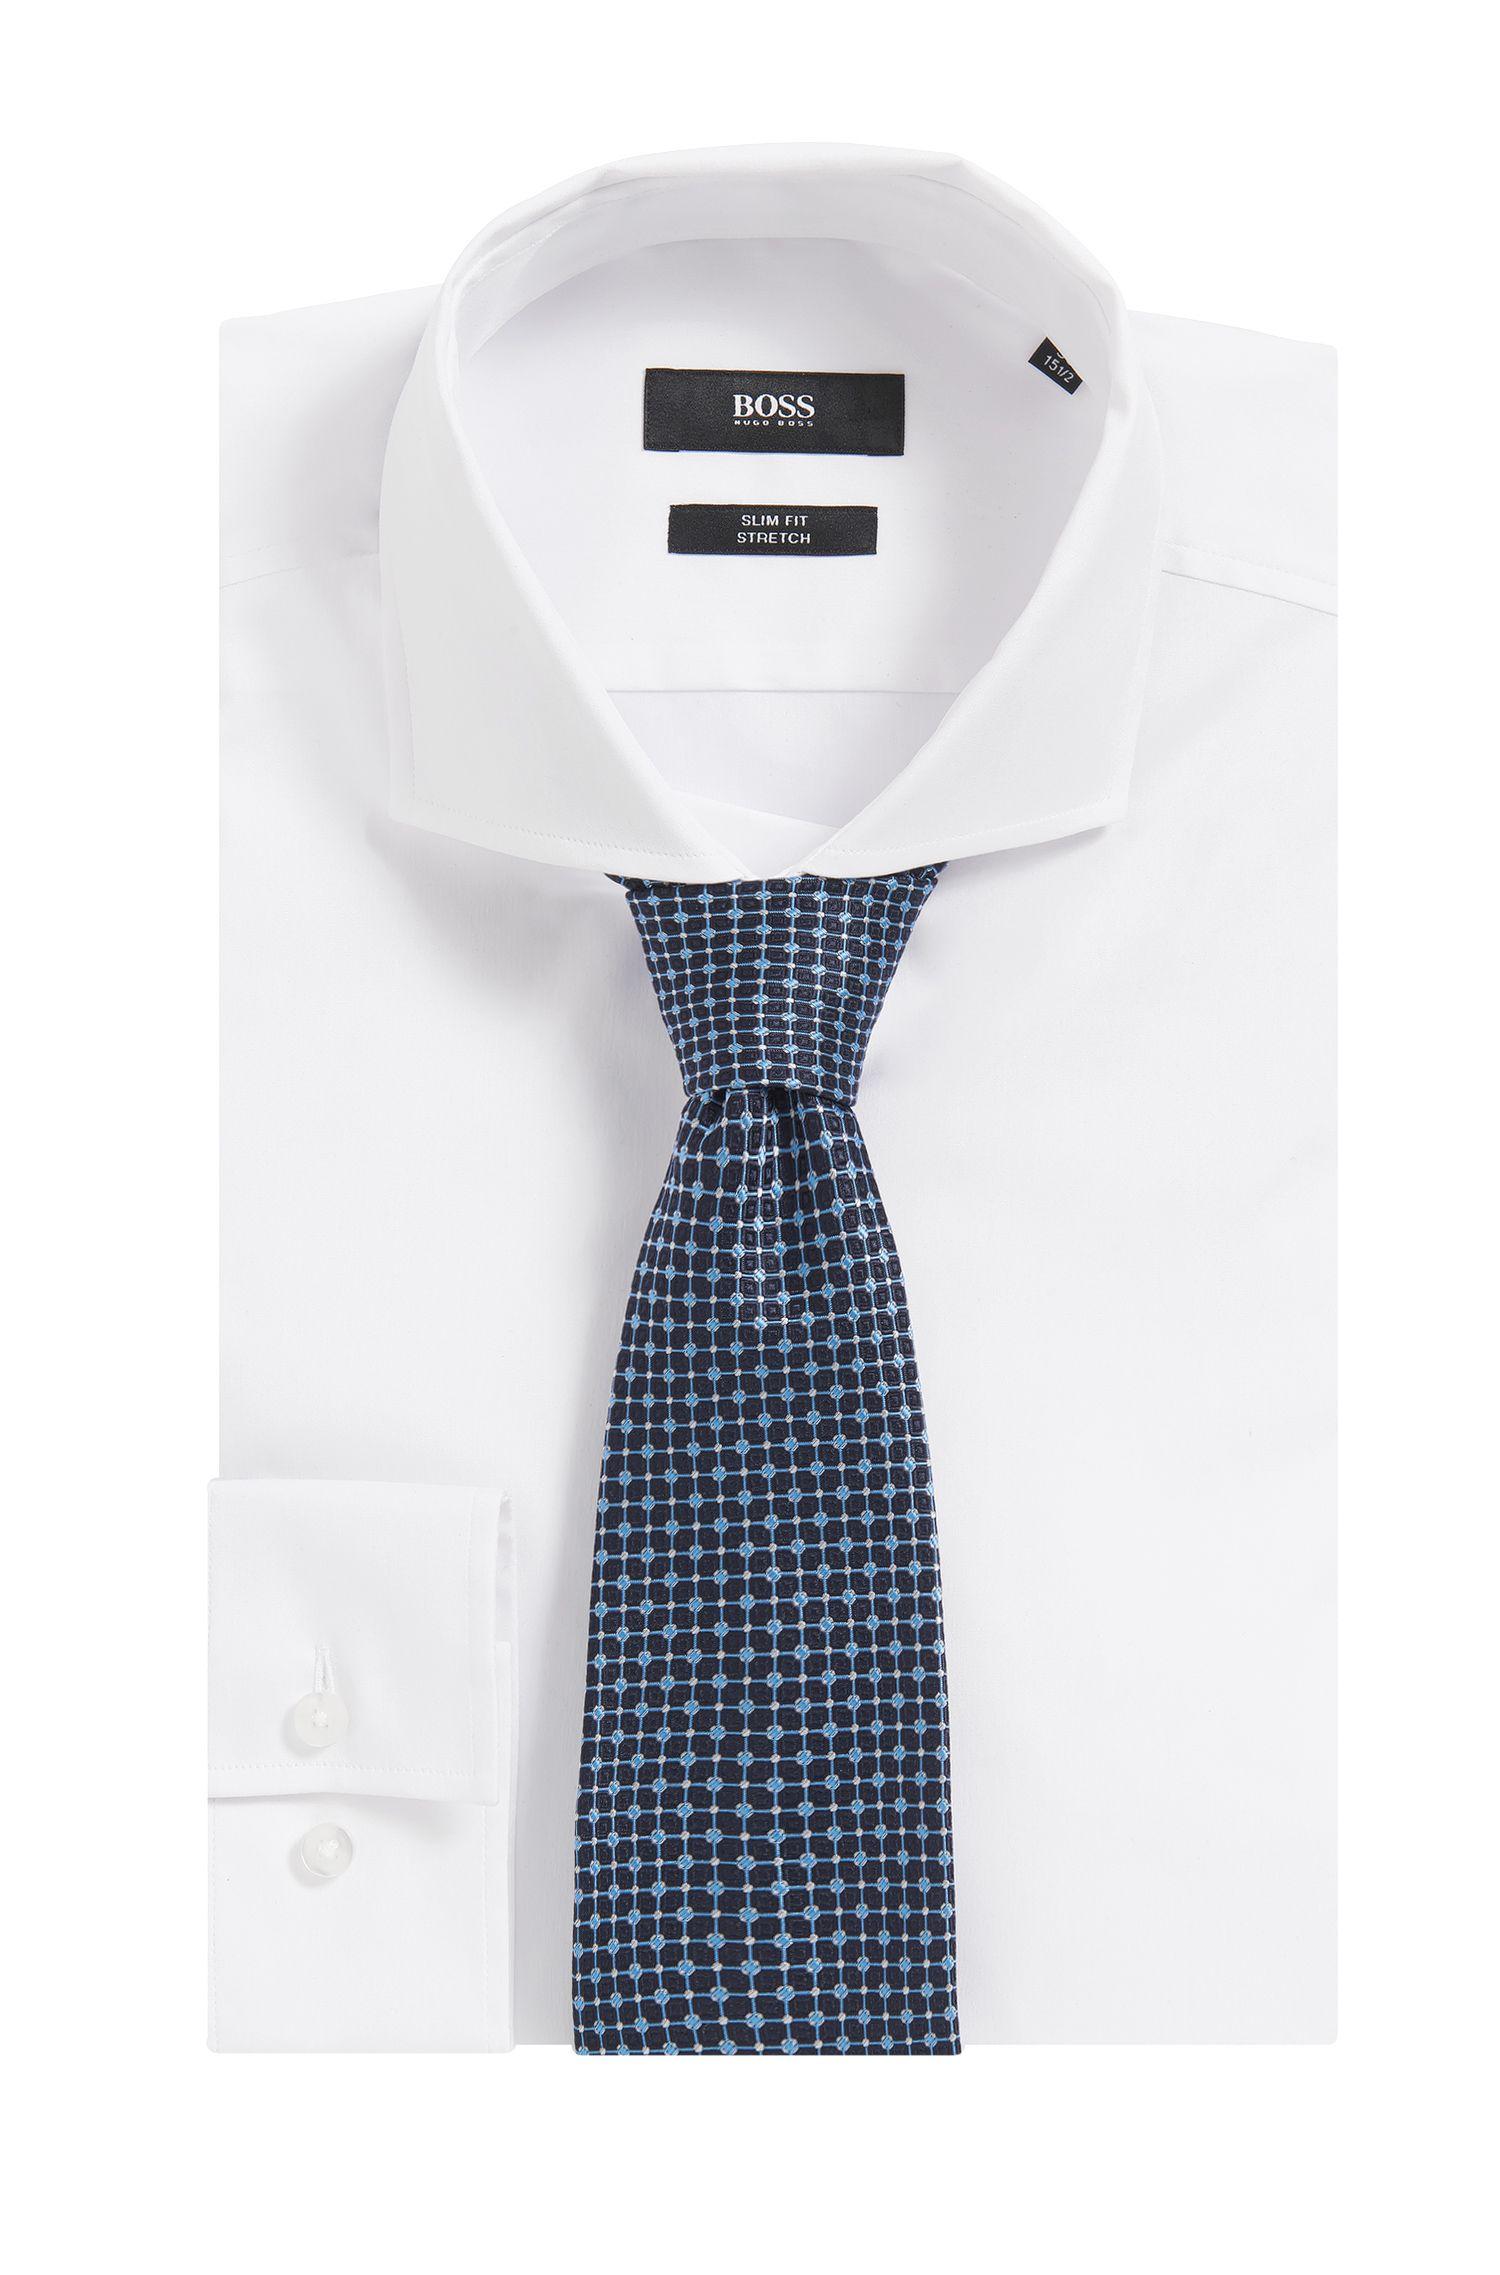 Gemusterte Krawatte aus italienischem Seiden-Jacquard